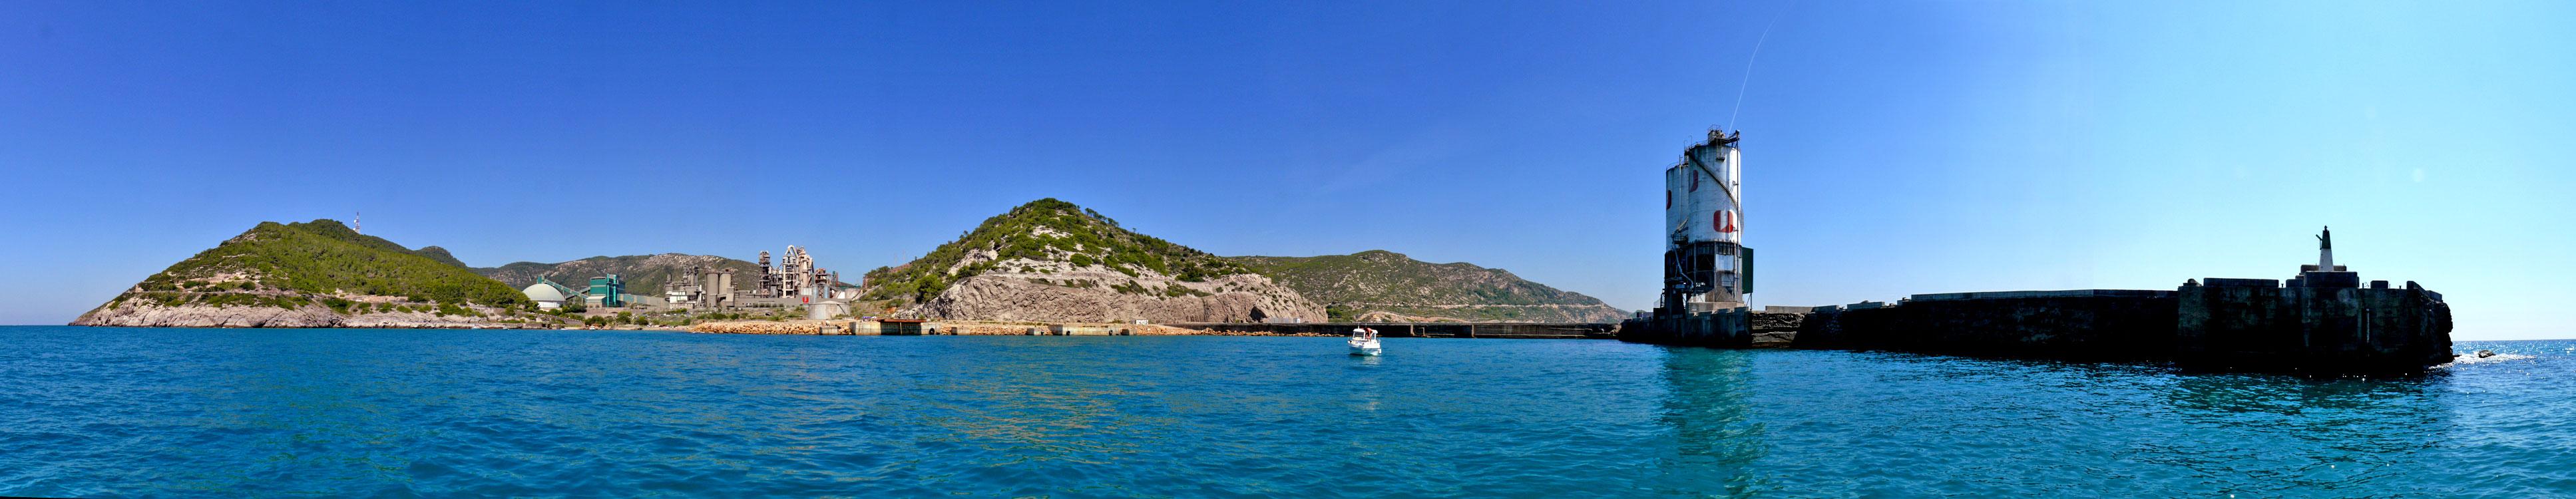 Foto playa La Fragata. Panoràmica des del port de Vallcarca